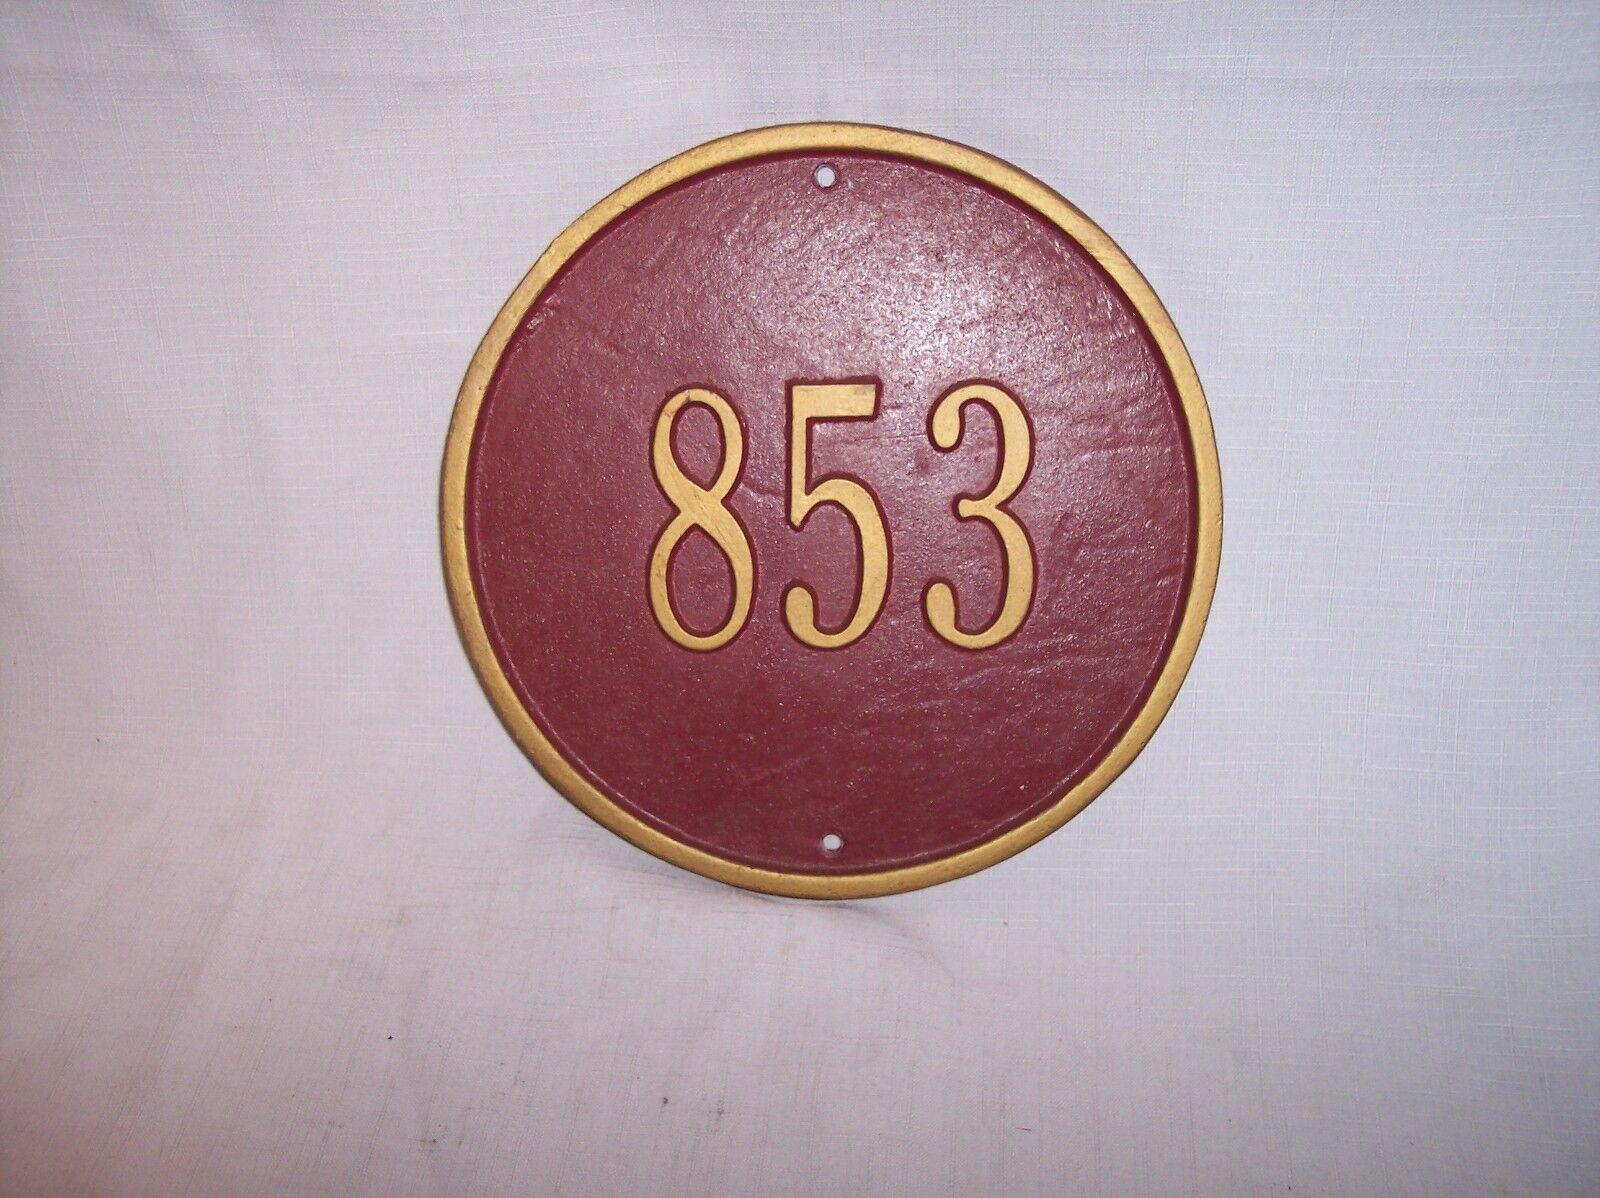 VINTAGE ROUND 8 11 16   CAST METAL rot & Gold   853 ADDRESS NUMBER SIGN